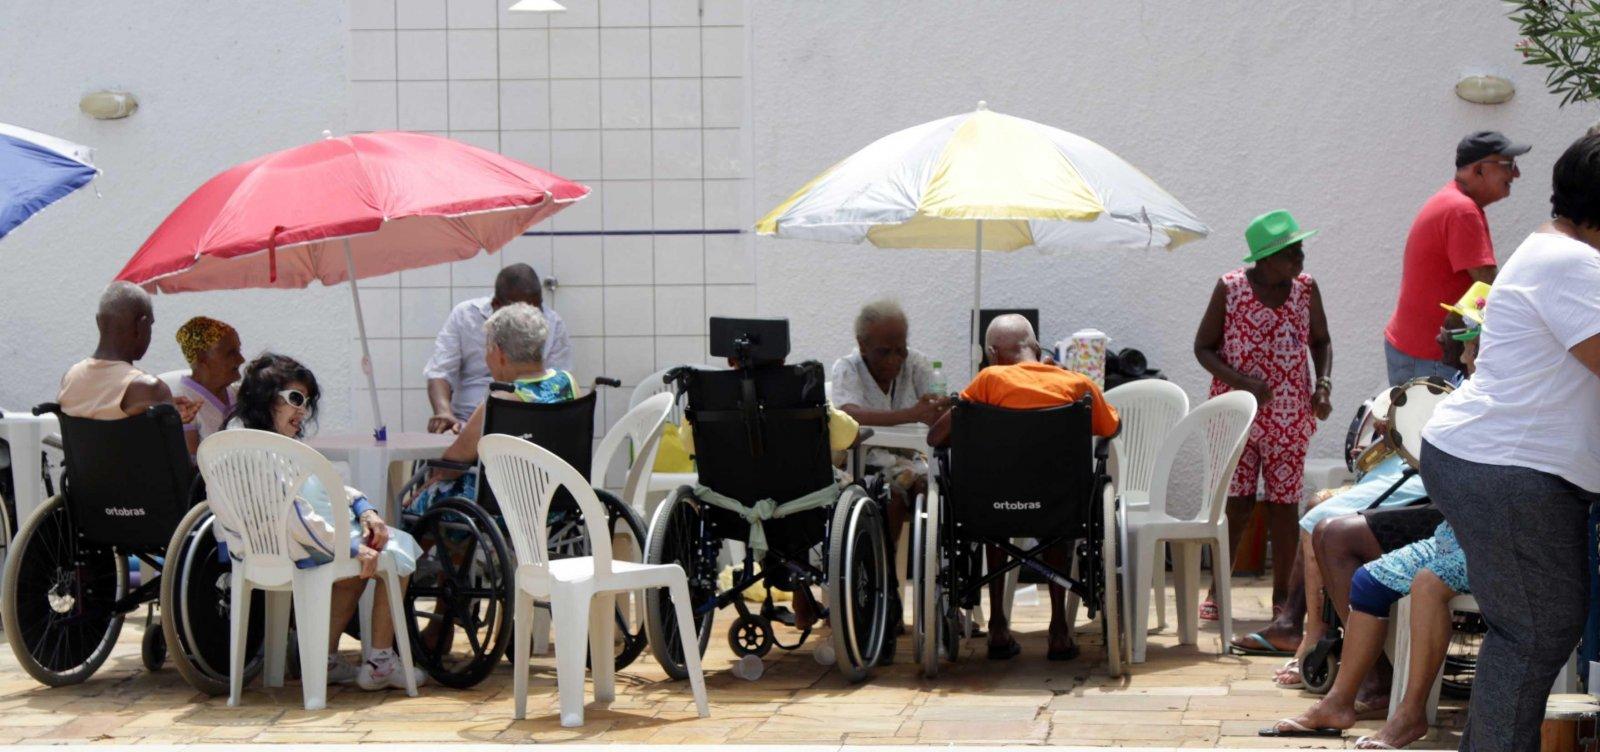 Quase 70% dos idosos brasileiros sofrem de doença crônica, diz Ministério da Saúde